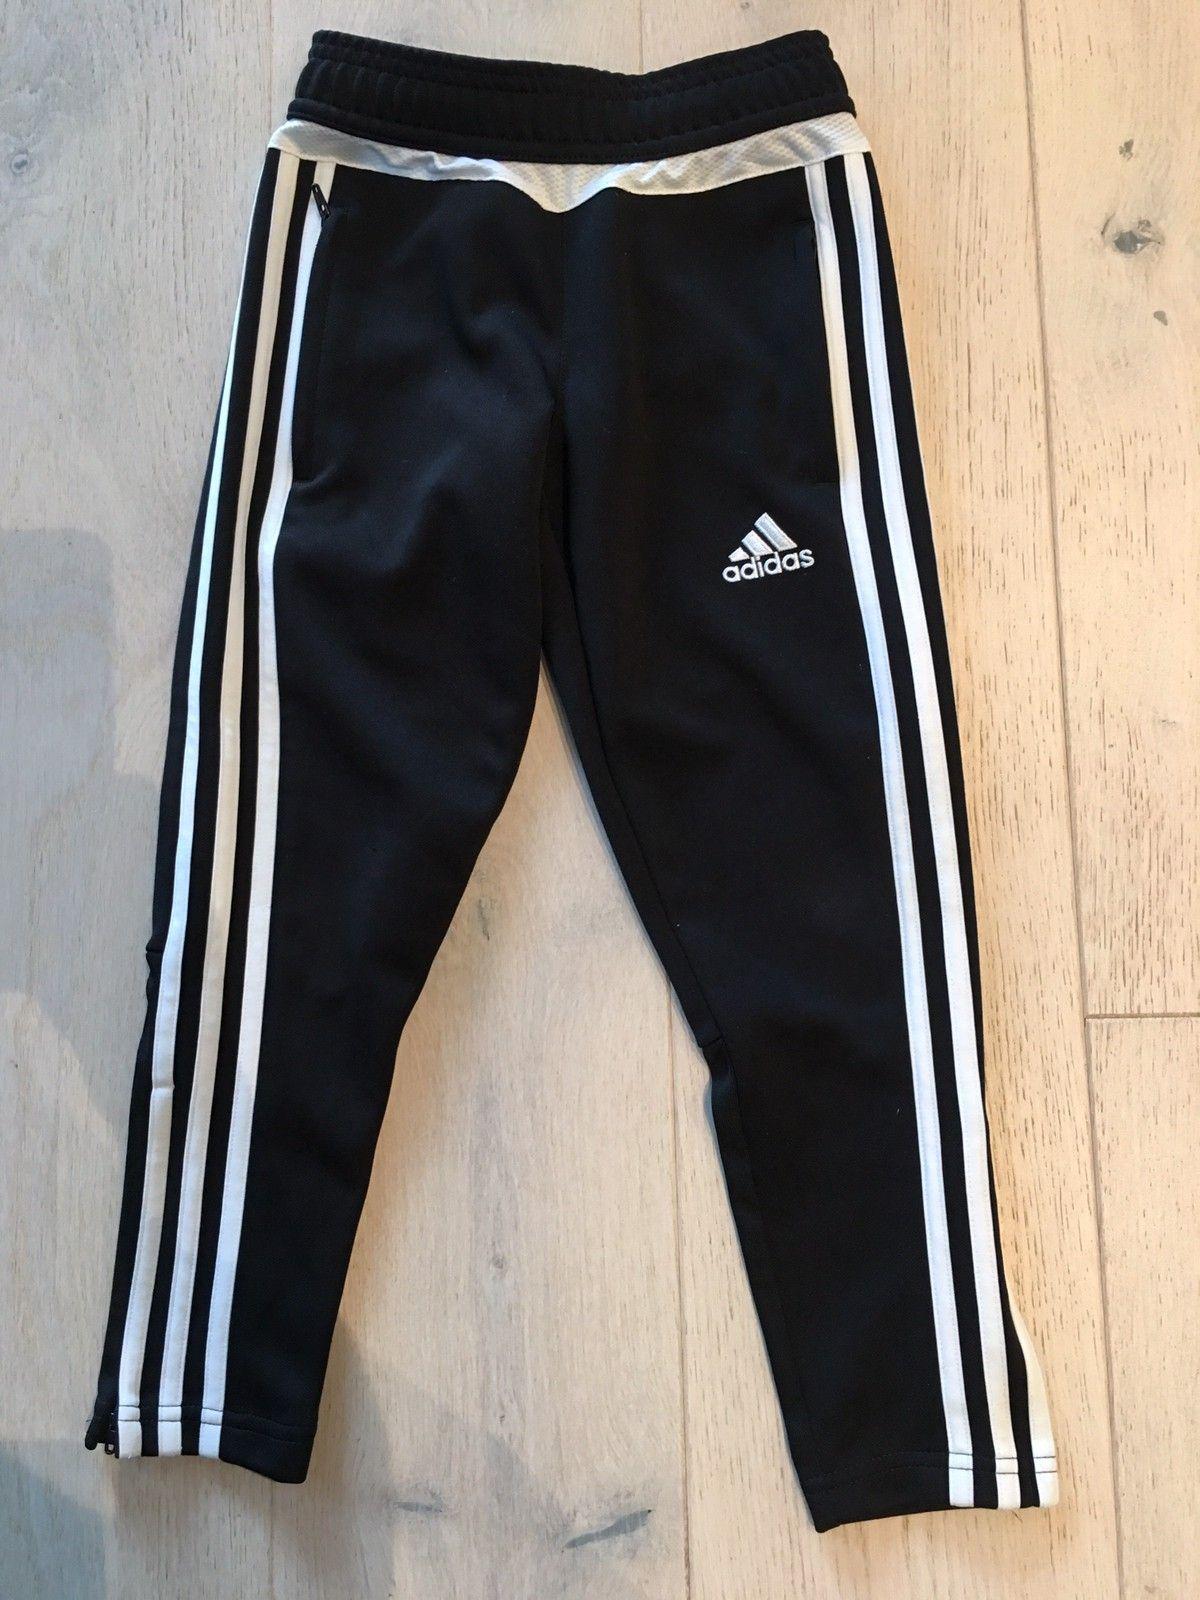 aa5c44c0 Ny Adidas joggebukse gutt 5-6 år | FINN.no